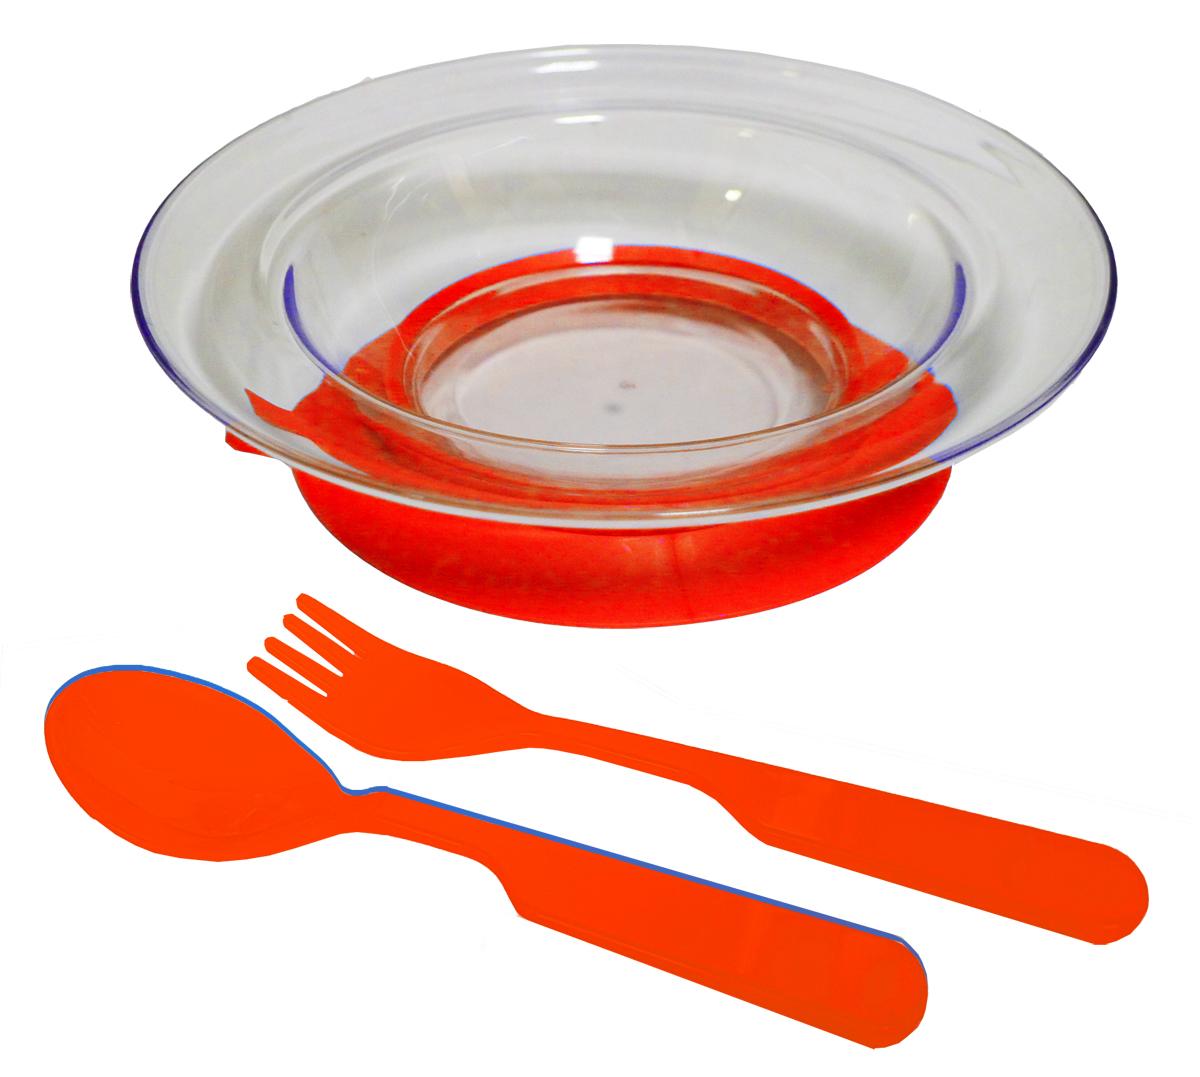 Набор детской посуды цвет красный 3 предмета 12141214краснНабор посуды из 3-х предметов, идеальный для начала самостоятельного питания малыша. Произведено в России из безопасного пищевого пластика. Форма изготовлена по лучшим европейским технологиям. Эргономичные и безопасные ложка-вилка. Глубокая тарелка на съемной присоске предотвращает скольжение по столу и переворачивание. Яркие цвета и удобная форма обеспечивают удовольствие от кормления. Можно мыть в посудомоечной машине и ставить в СВЧ (снять присоску с тарелки!).Тарелка х 1шт; Вилка для малыша дошкольного возраста х 1 шт; Ложка для малыша дошкольного возраста х 1 шт.